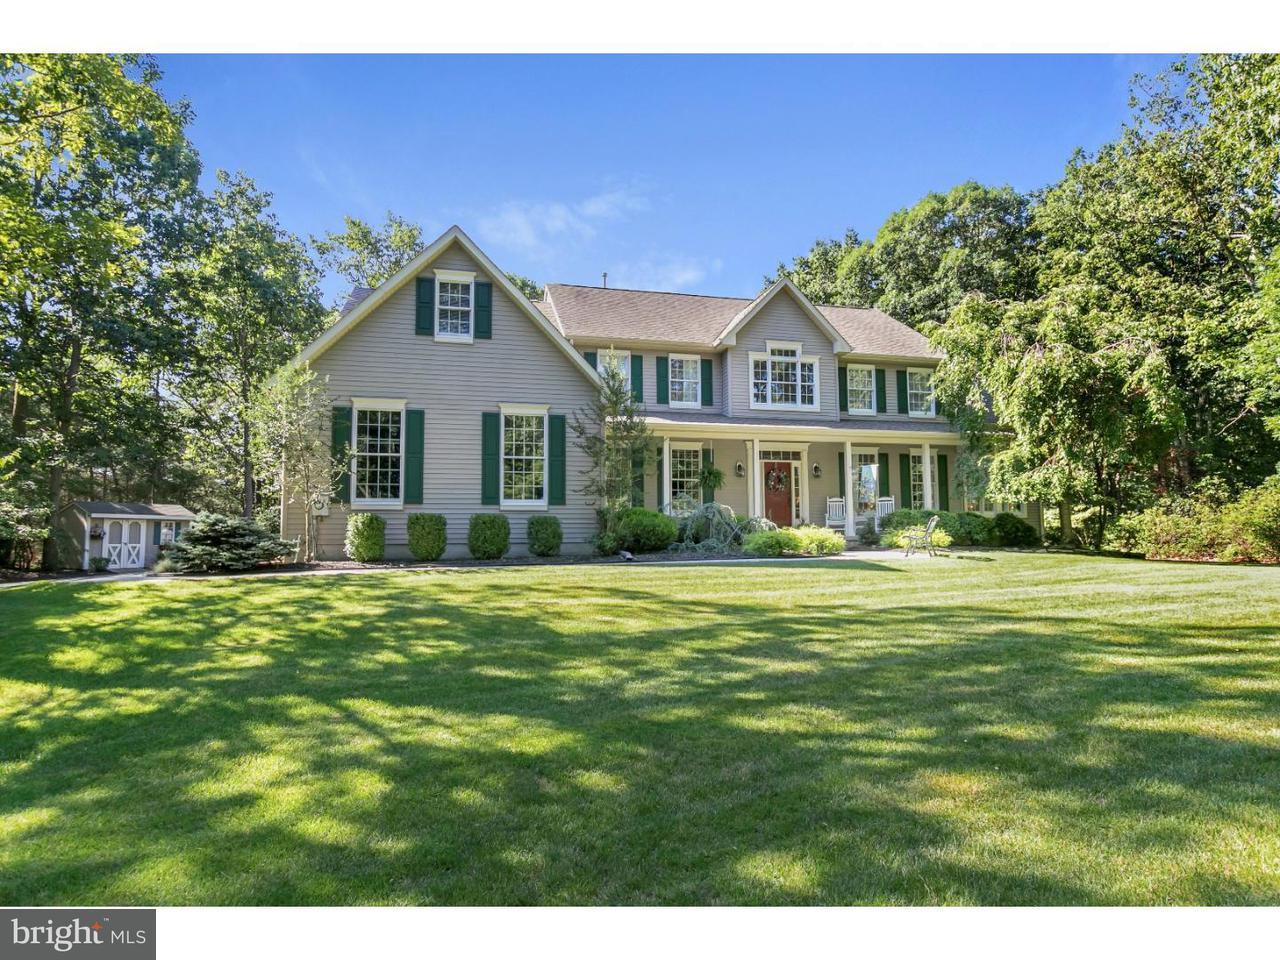 Частный односемейный дом для того Продажа на 41A FOX HILL Drive Tabernacle, Нью-Джерси 08088 Соединенные Штаты